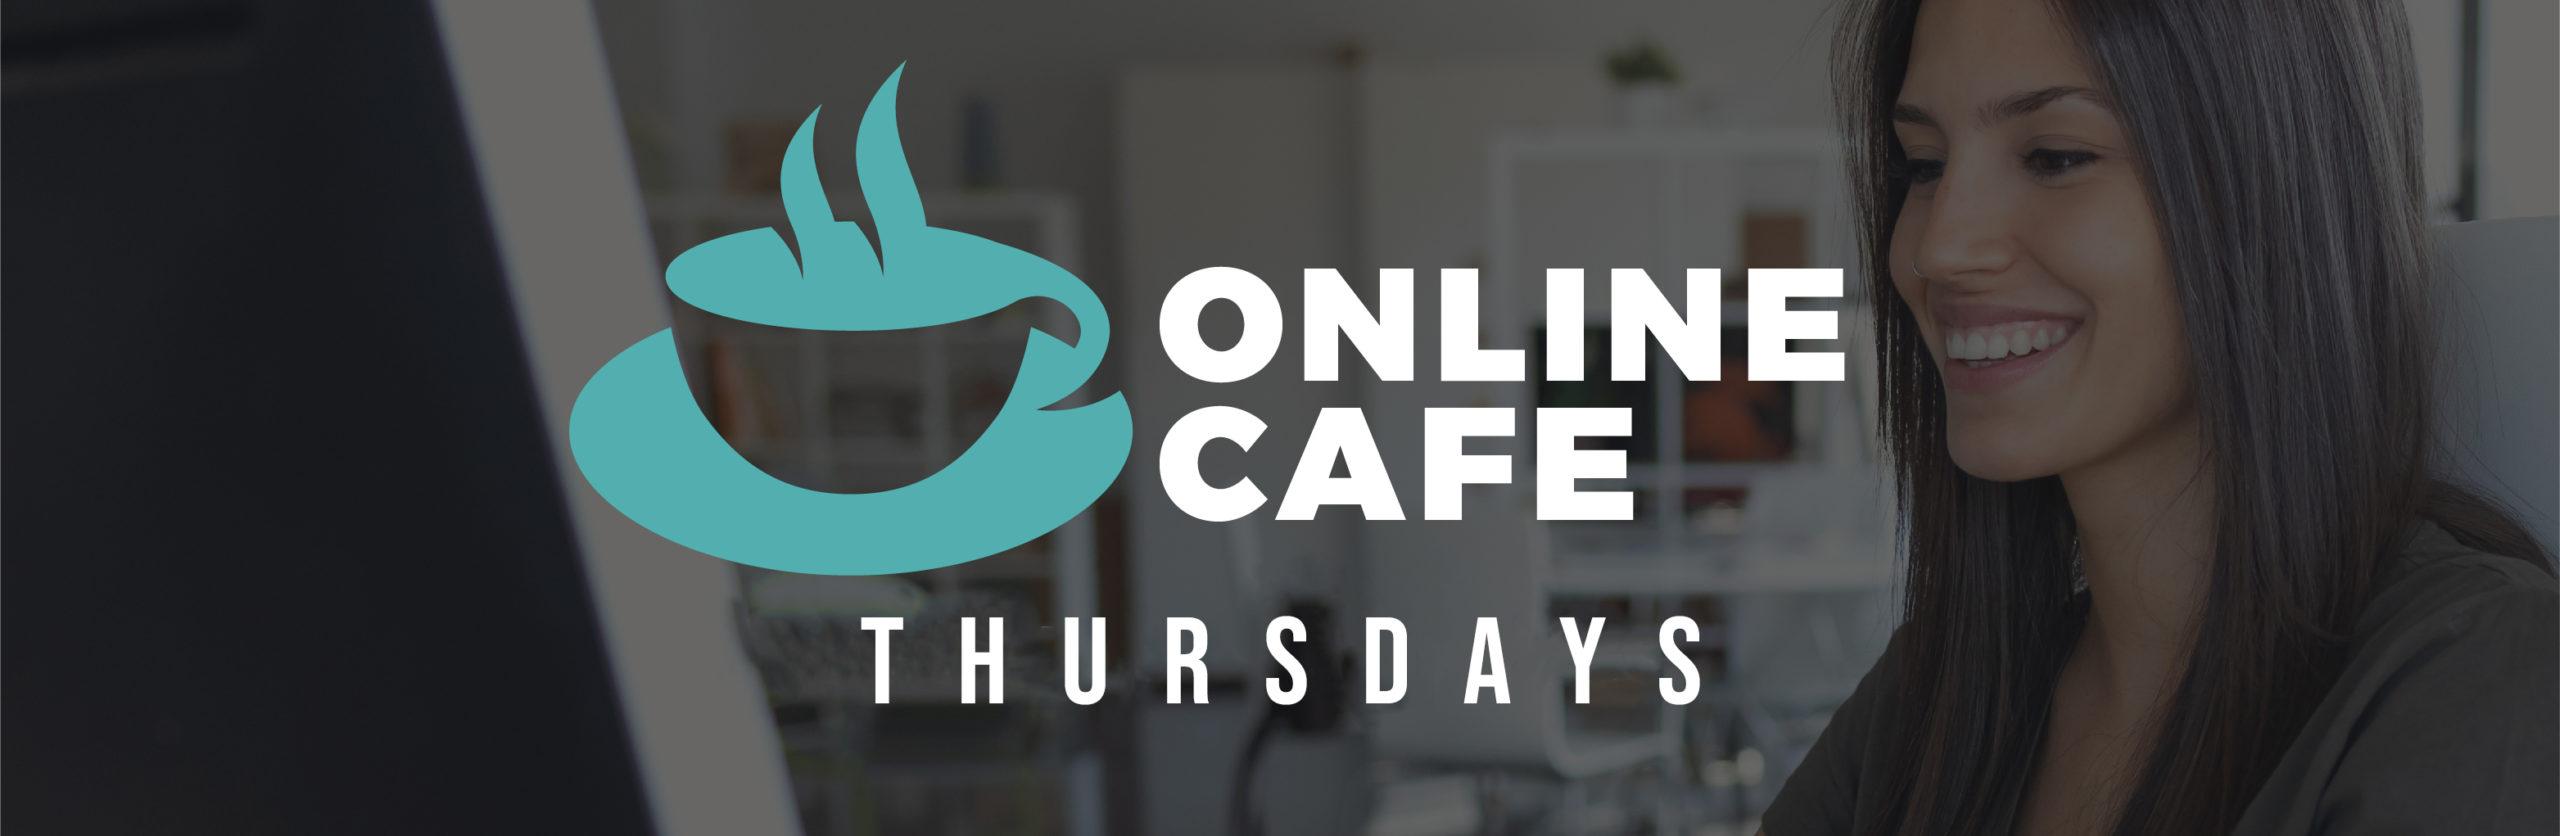 Online Cafe-Thursday